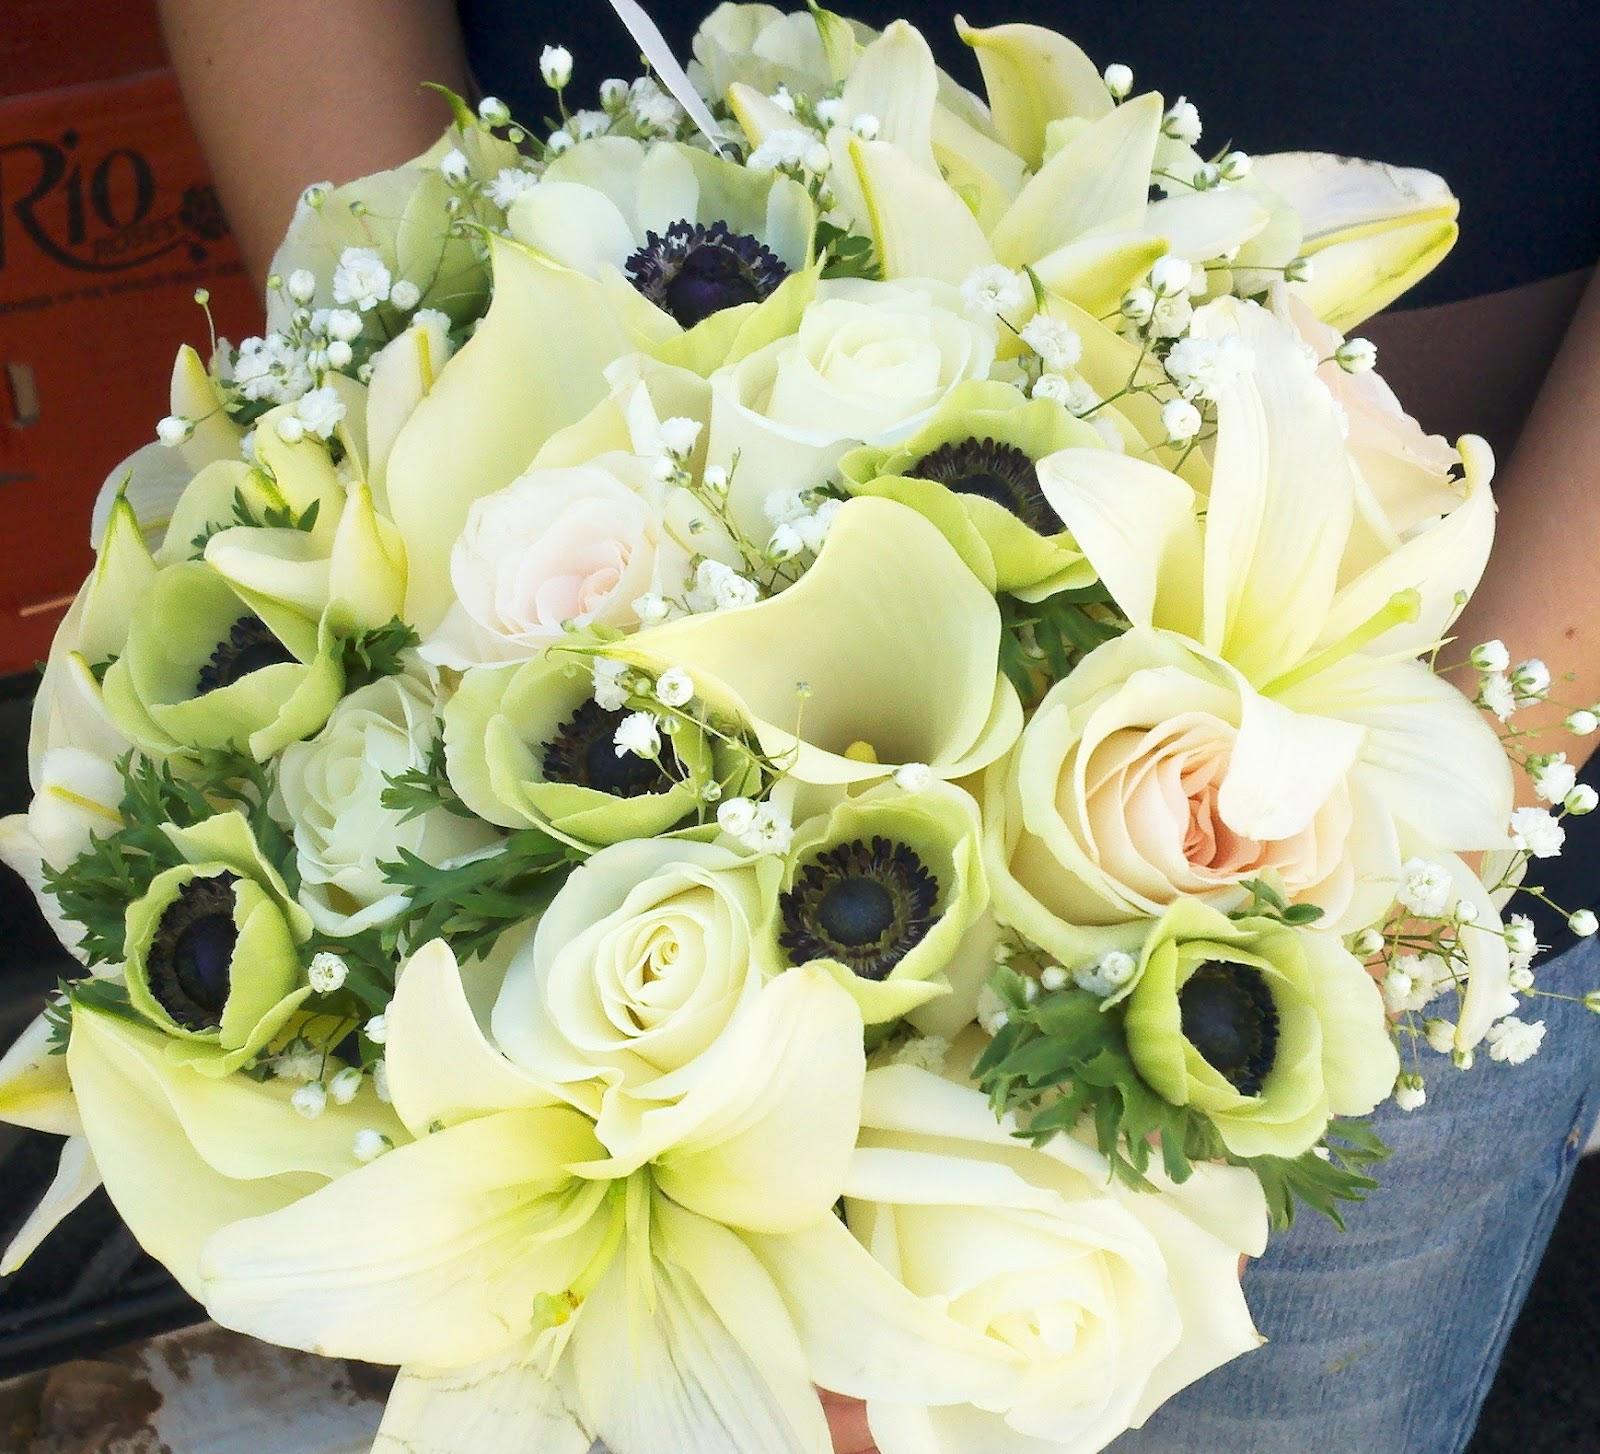 ny engagements llc planning bridal blog roundhouse wedding flowers september 22 2012. Black Bedroom Furniture Sets. Home Design Ideas